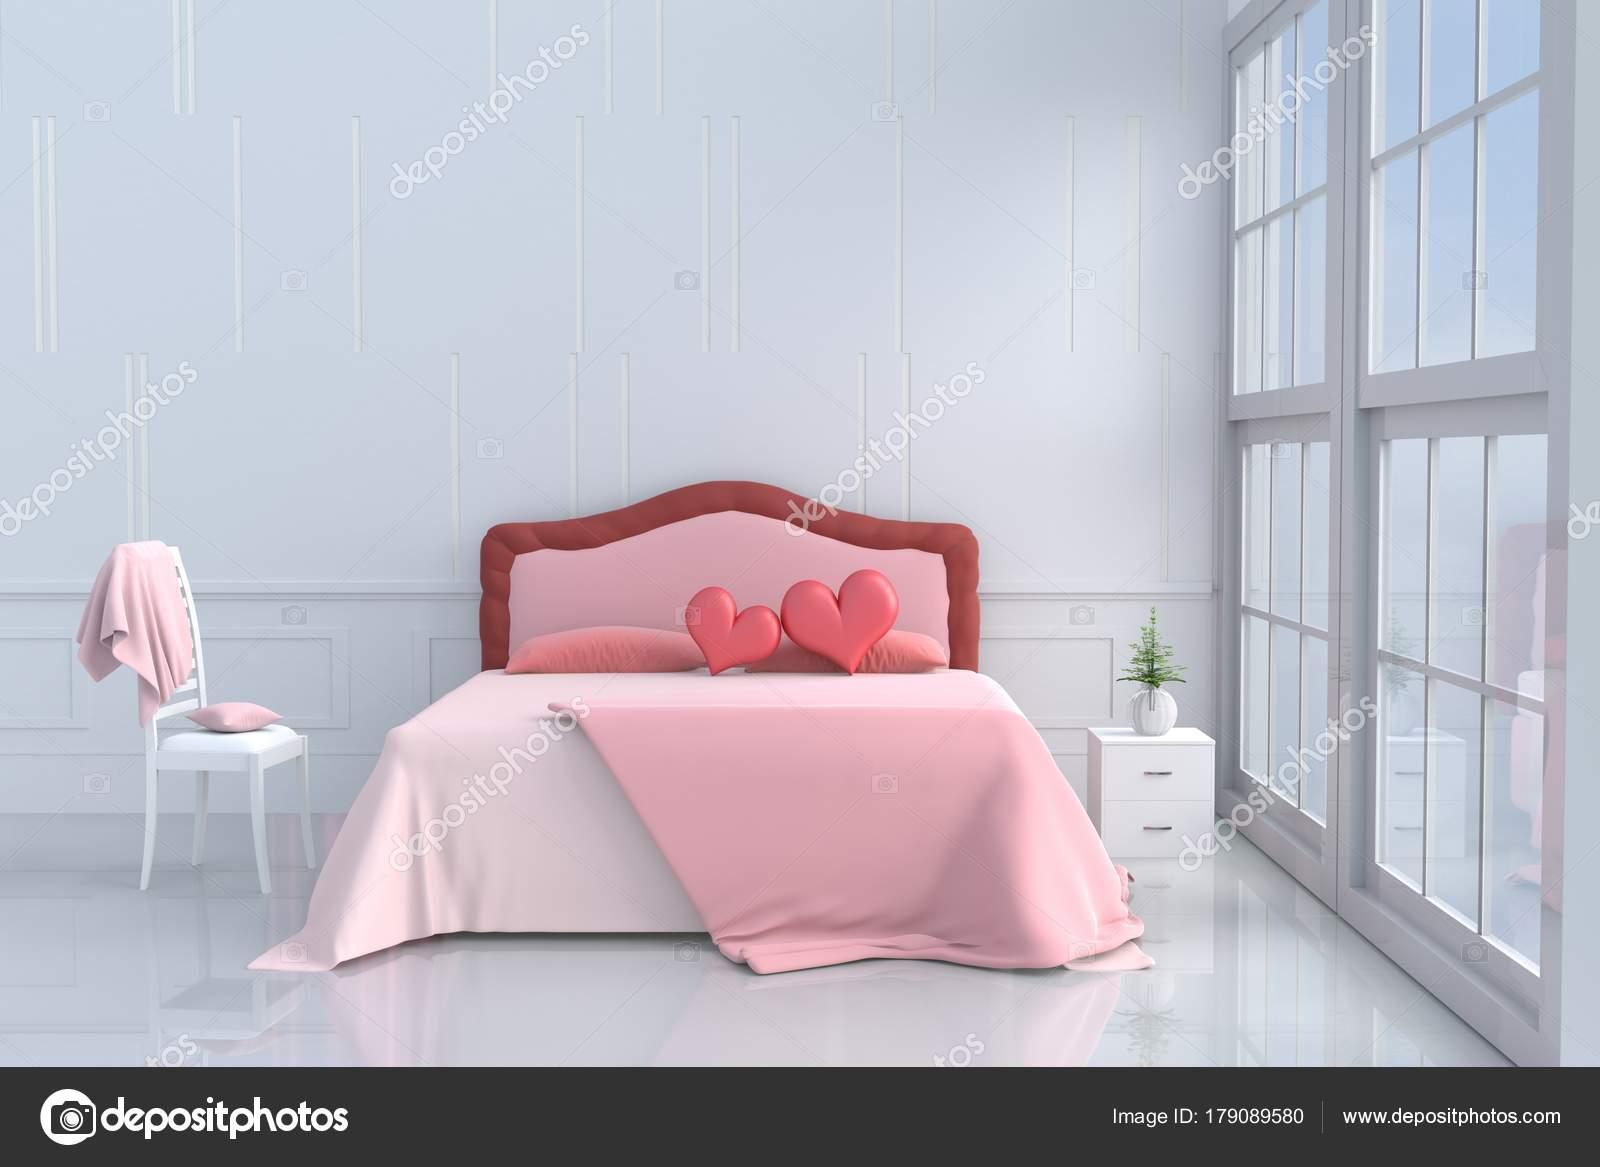 Roze Slaapkamer Stoel : Rode harten roze bed slaapkamer van liefde decor met twee